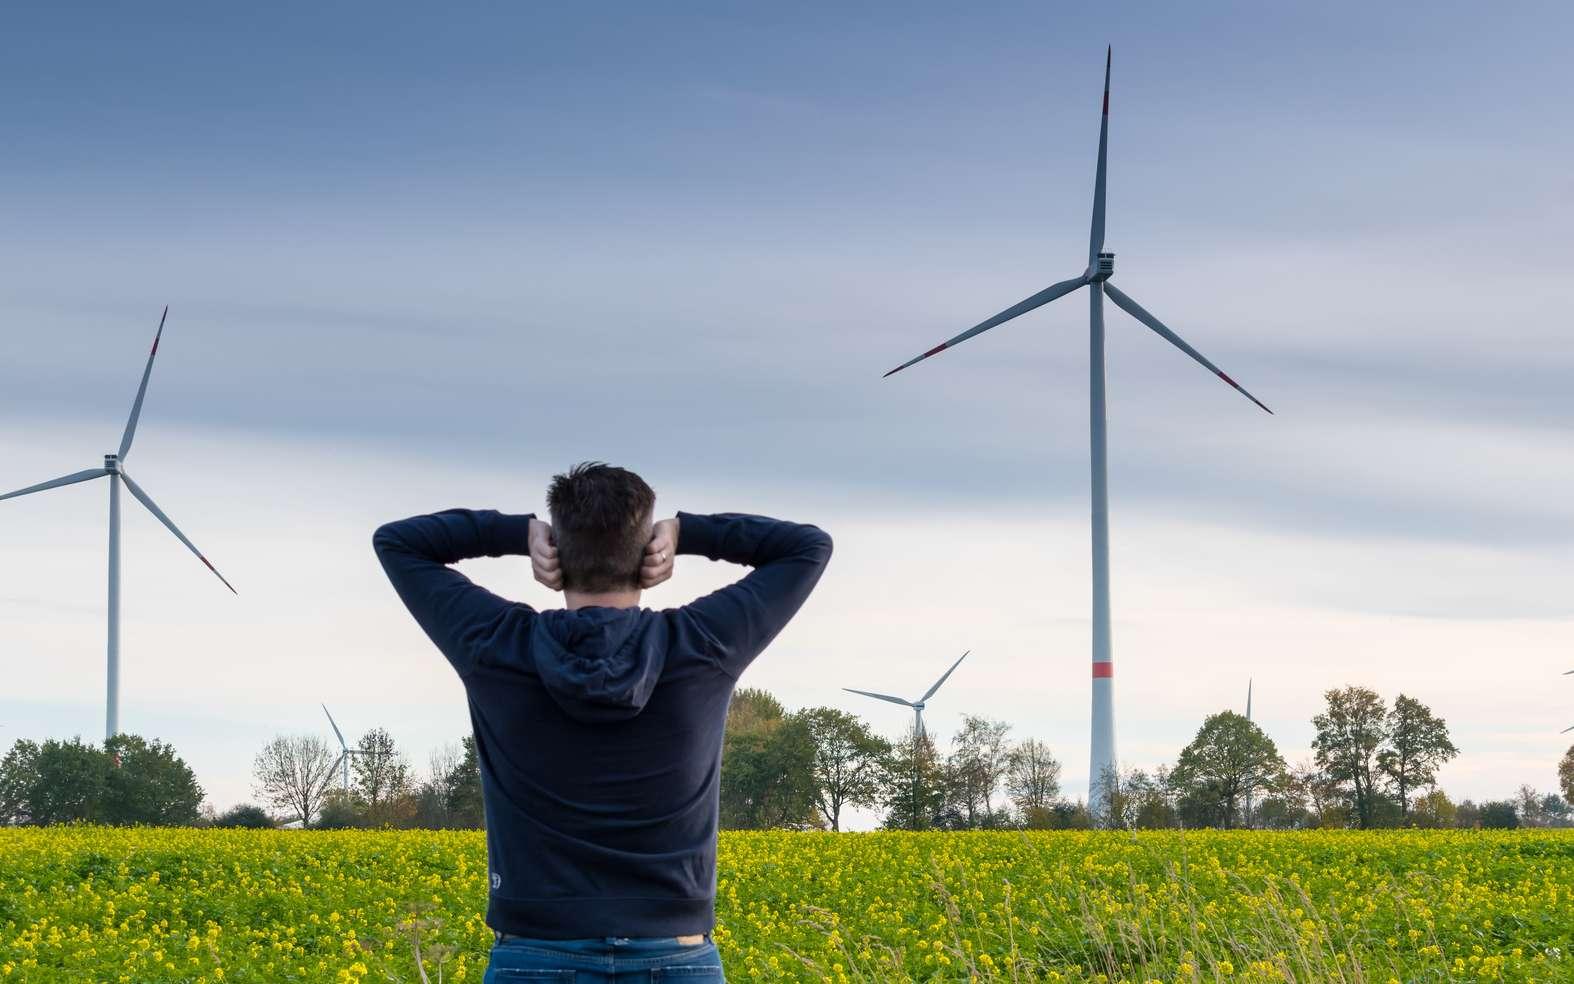 Le bruit des éoliennes fait l'objet d'une réglementation très stricte en France. © Fokussiert, Fotolia